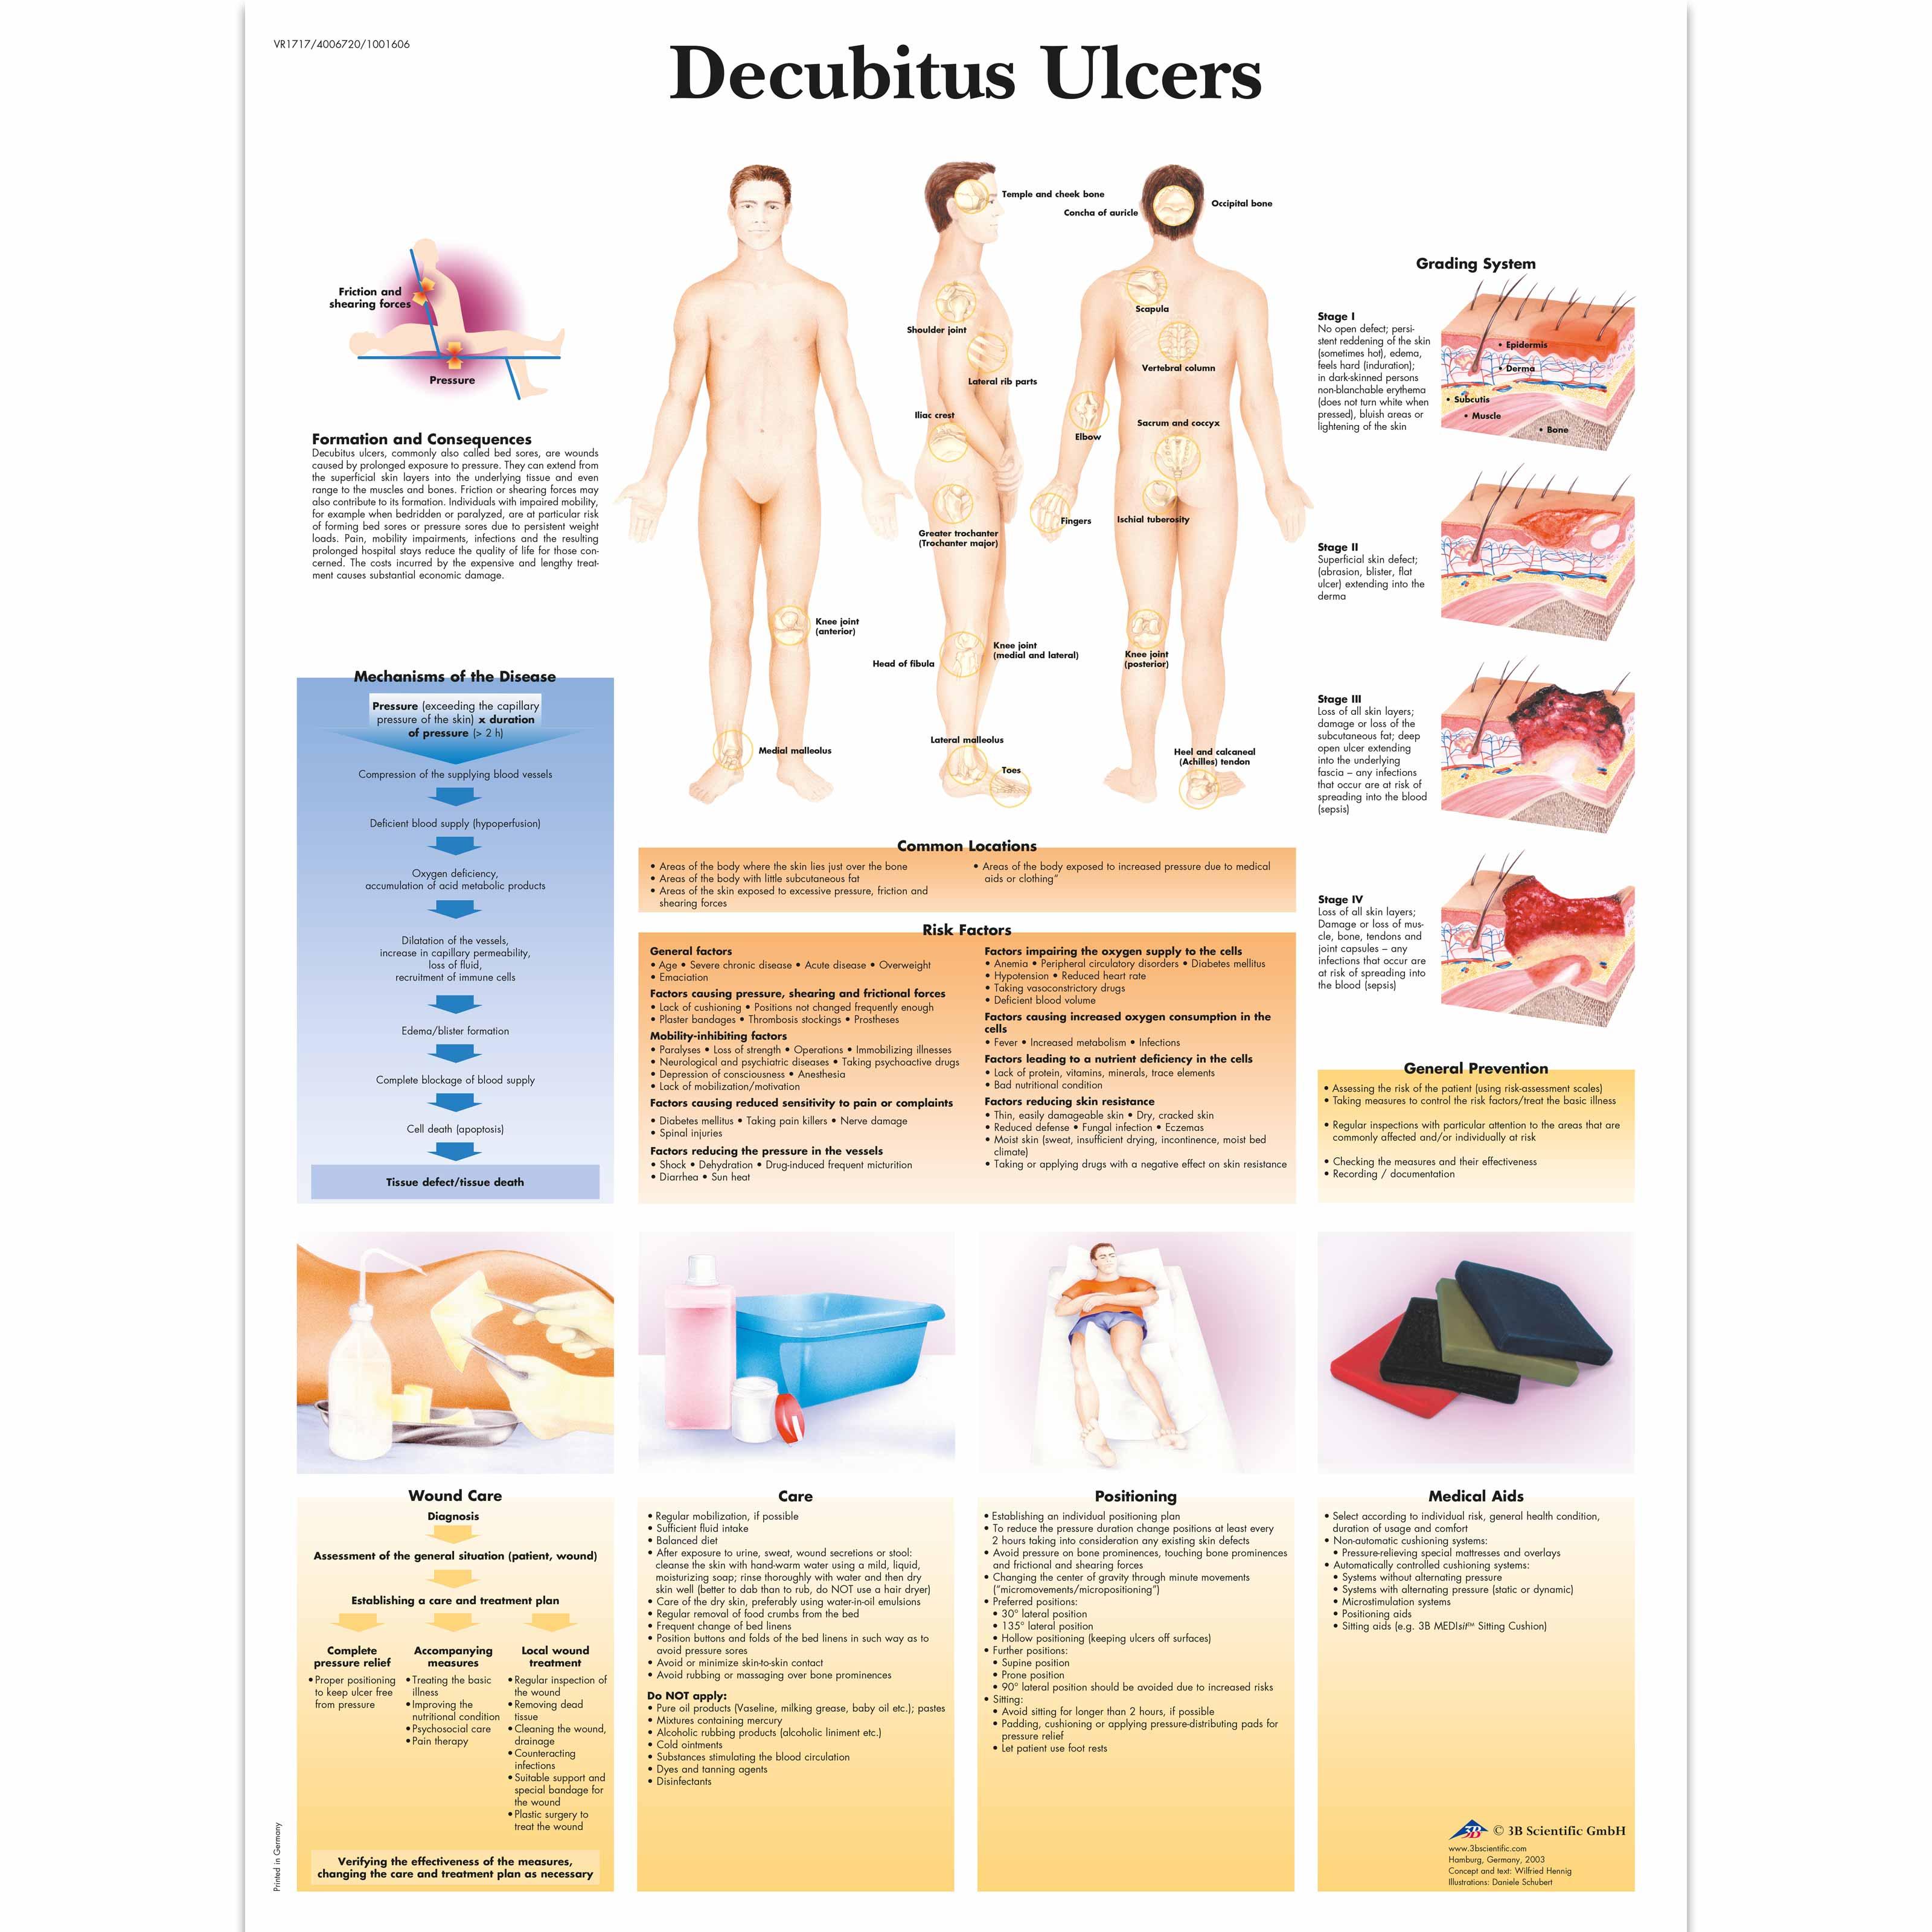 information about decubitis ulcers